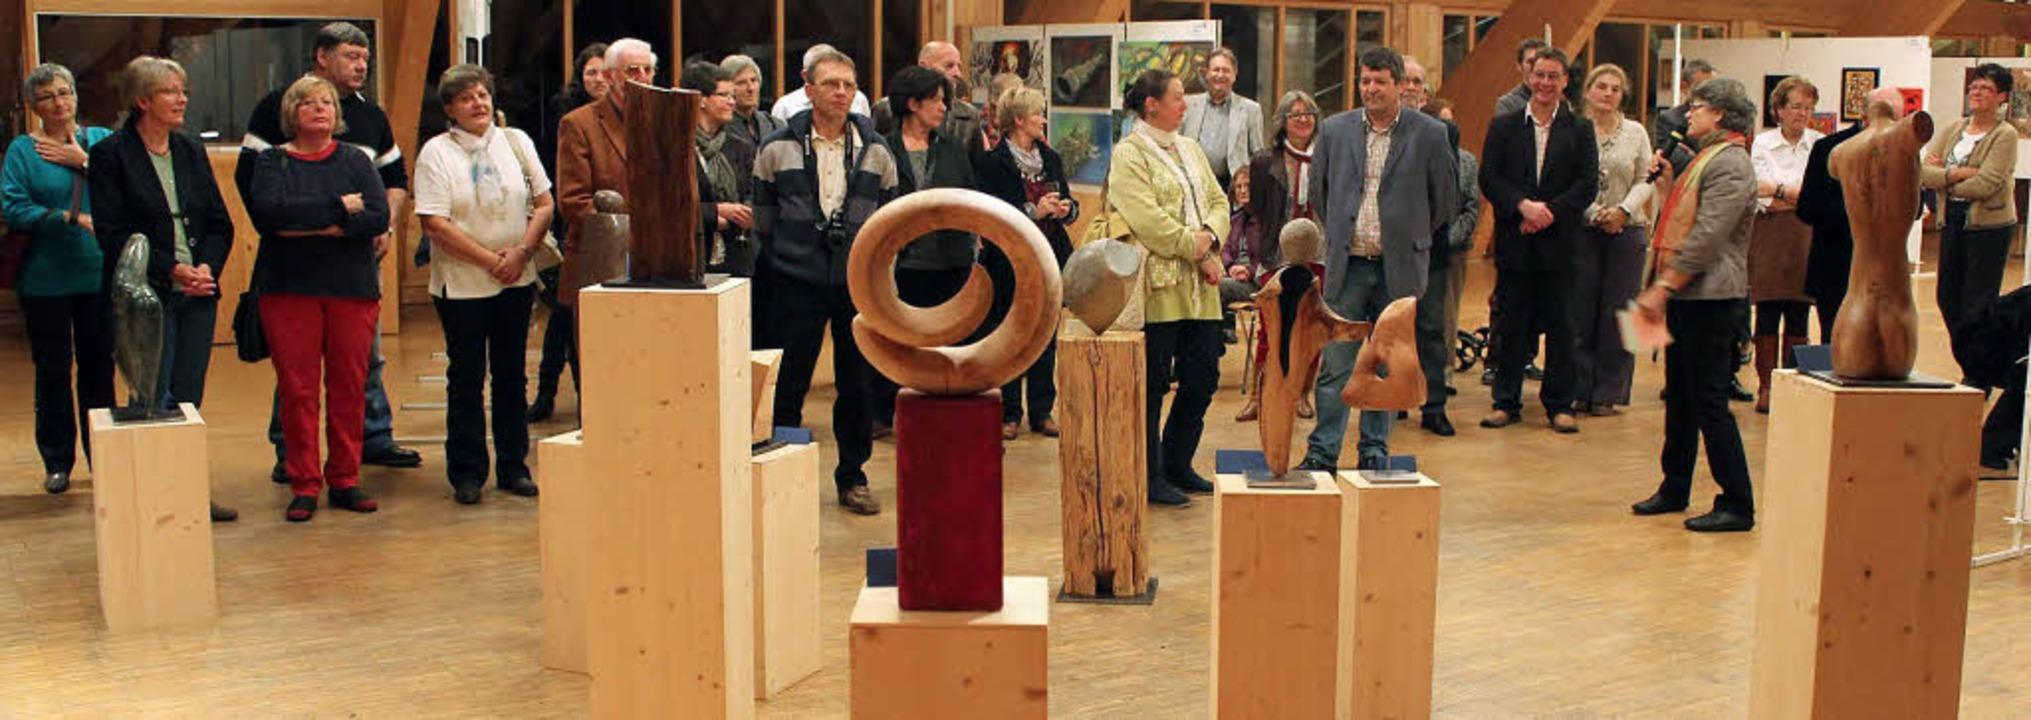 Von Holz über Stein bis zu Metall reic...er, hier zu sehen bei der Vernissage.   | Foto: Gert Brichta